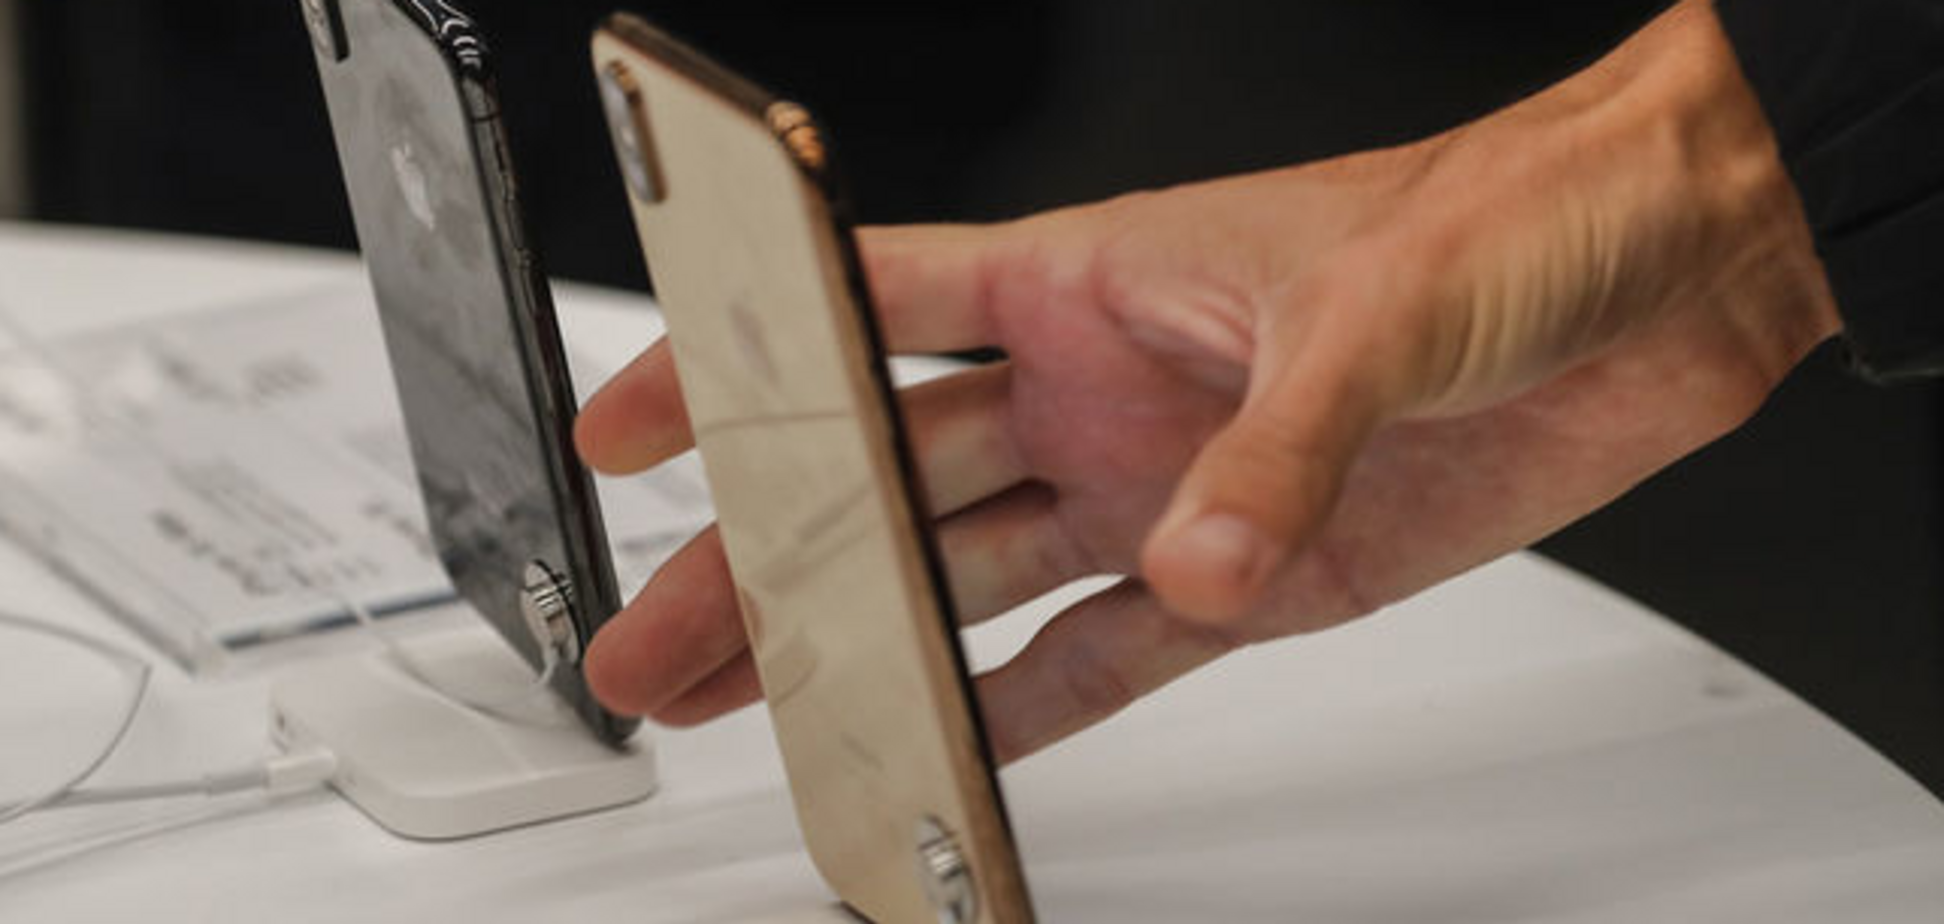 У нових iPhone з'явилися проблеми